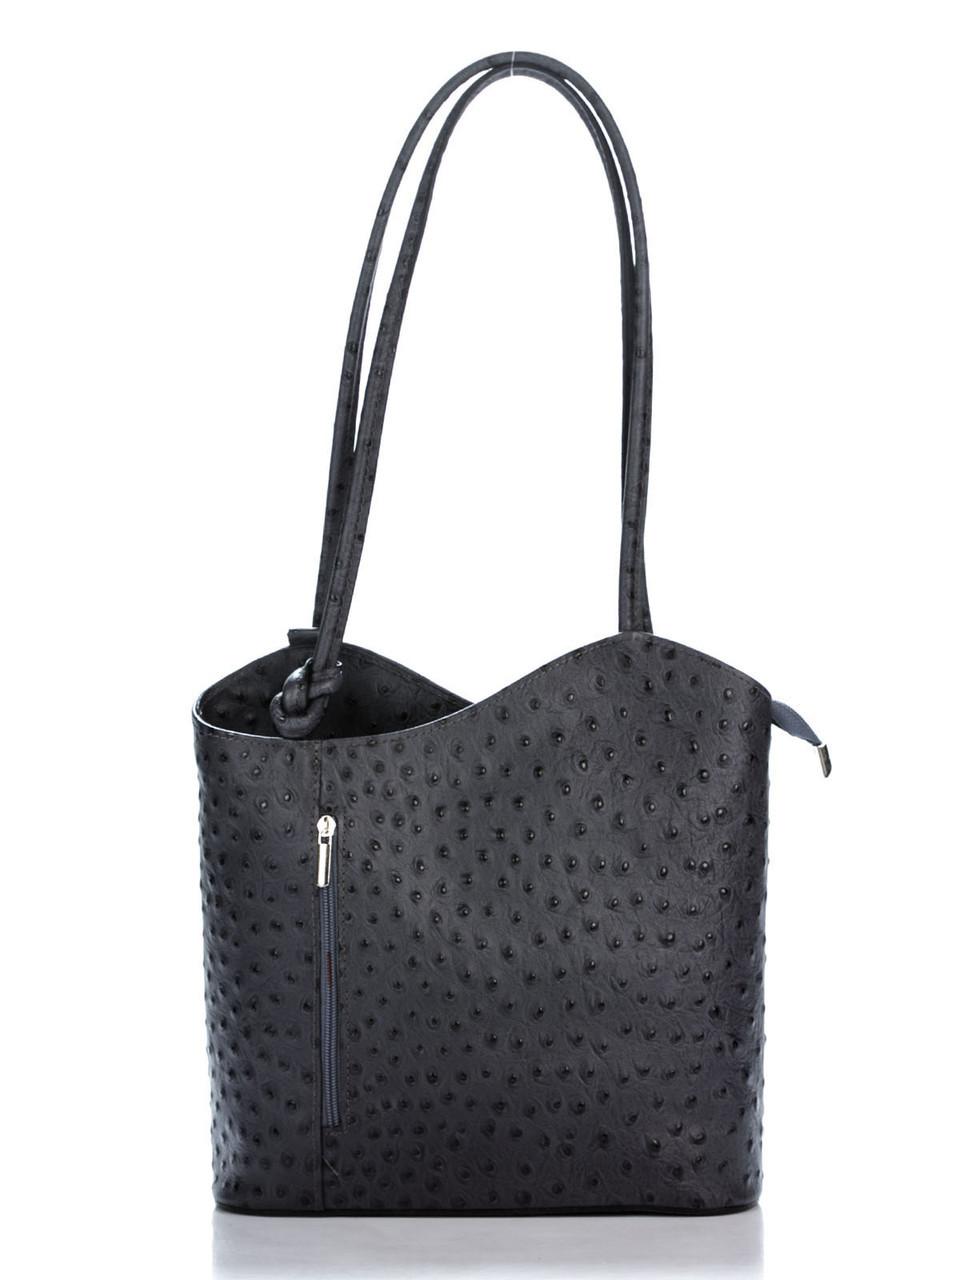 Жіноча шкіряна сумка PATTY diva's Bag колір темно-сірий